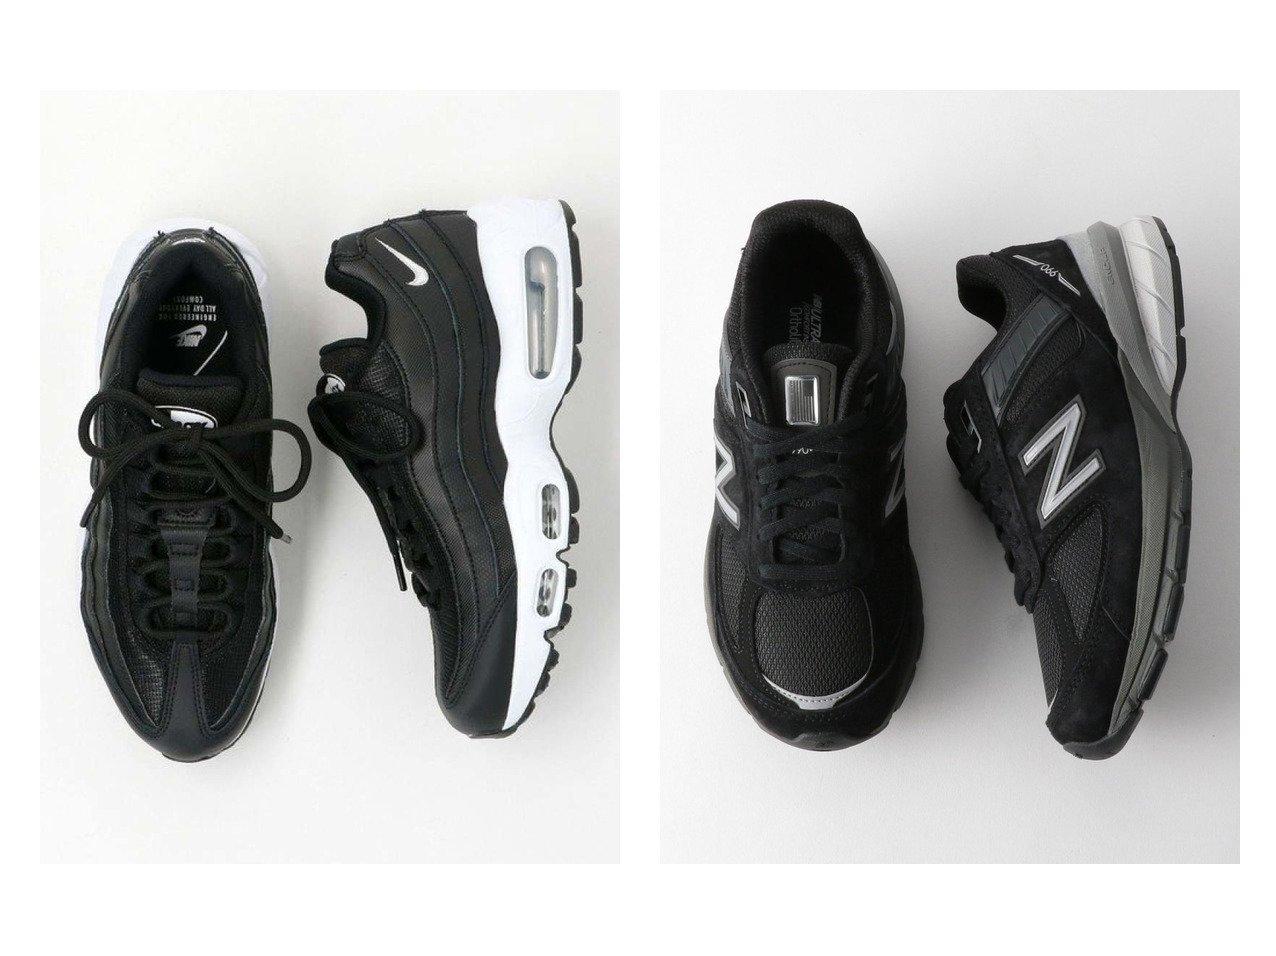 【BEAUTY&YOUTH UNITED ARROWS/ビューティアンド ユースユナイテッドアローズ】のNIKE(ナイキ) AIRMAX95 エアマックススニーカー&newbalance(ニューバランス) W990V5スニーカー/ブラック シューズ・靴のおすすめ!人気、トレンド・レディースファッションの通販 おすすめで人気の流行・トレンド、ファッションの通販商品 メンズファッション・キッズファッション・インテリア・家具・レディースファッション・服の通販 founy(ファニー) https://founy.com/ ファッション Fashion レディースファッション WOMEN シューズ スニーカー スポーツ スリッポン デニム メッシュ ランニング ループ レース ワイド バランス プリント ベーシック ボストン |ID:crp329100000012953